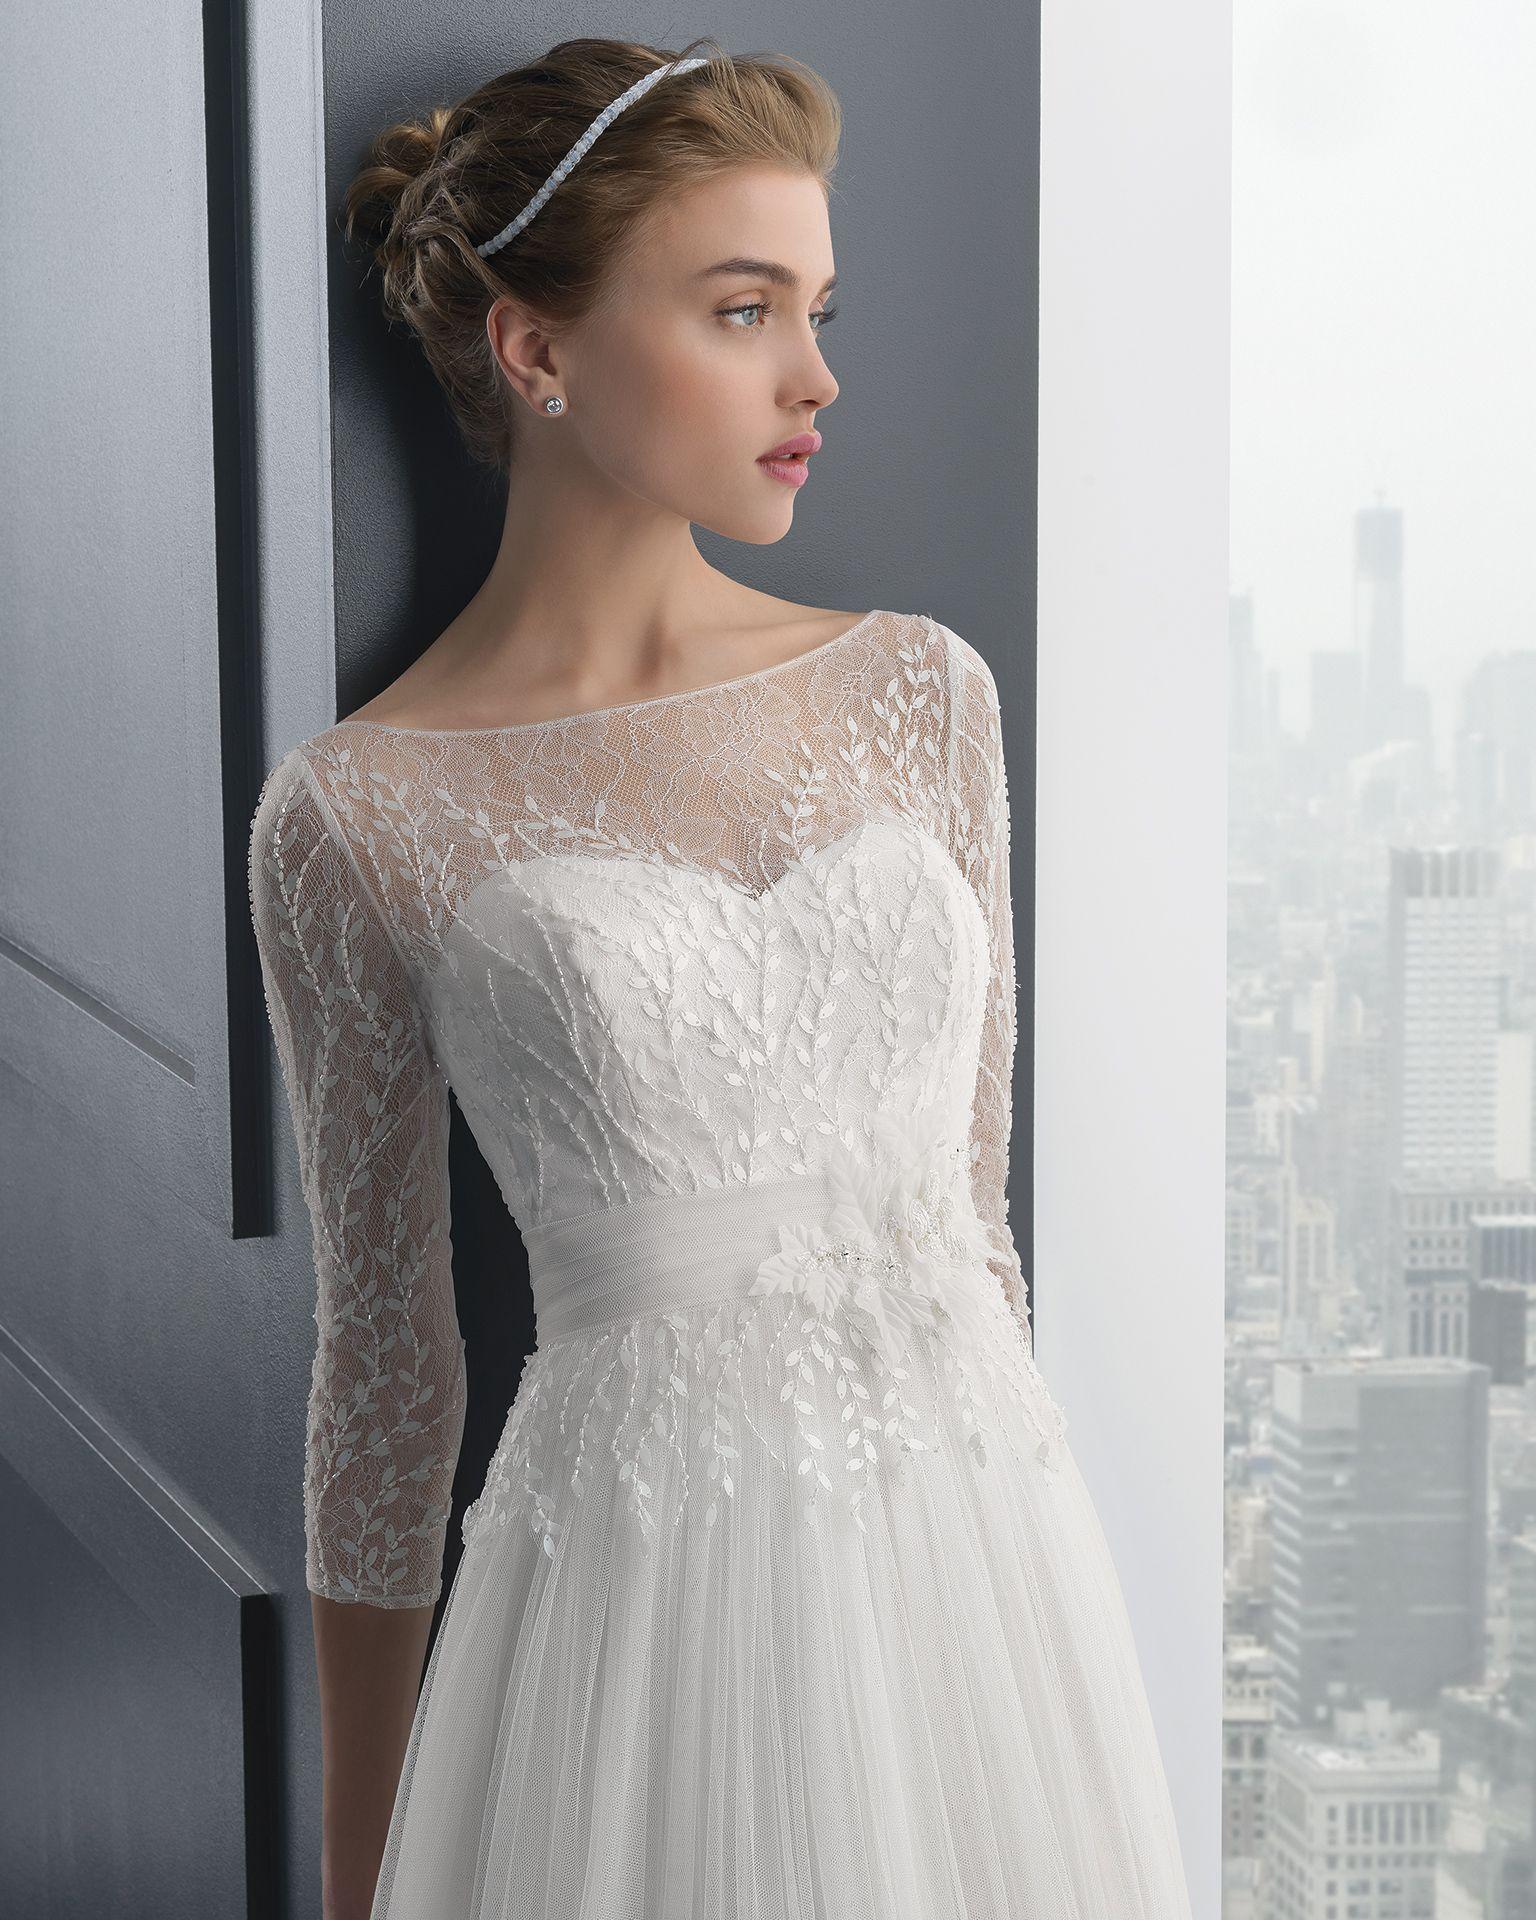 Vestidos de novia y fiesta | Rosa clara, Beaded lace and Wedding dress